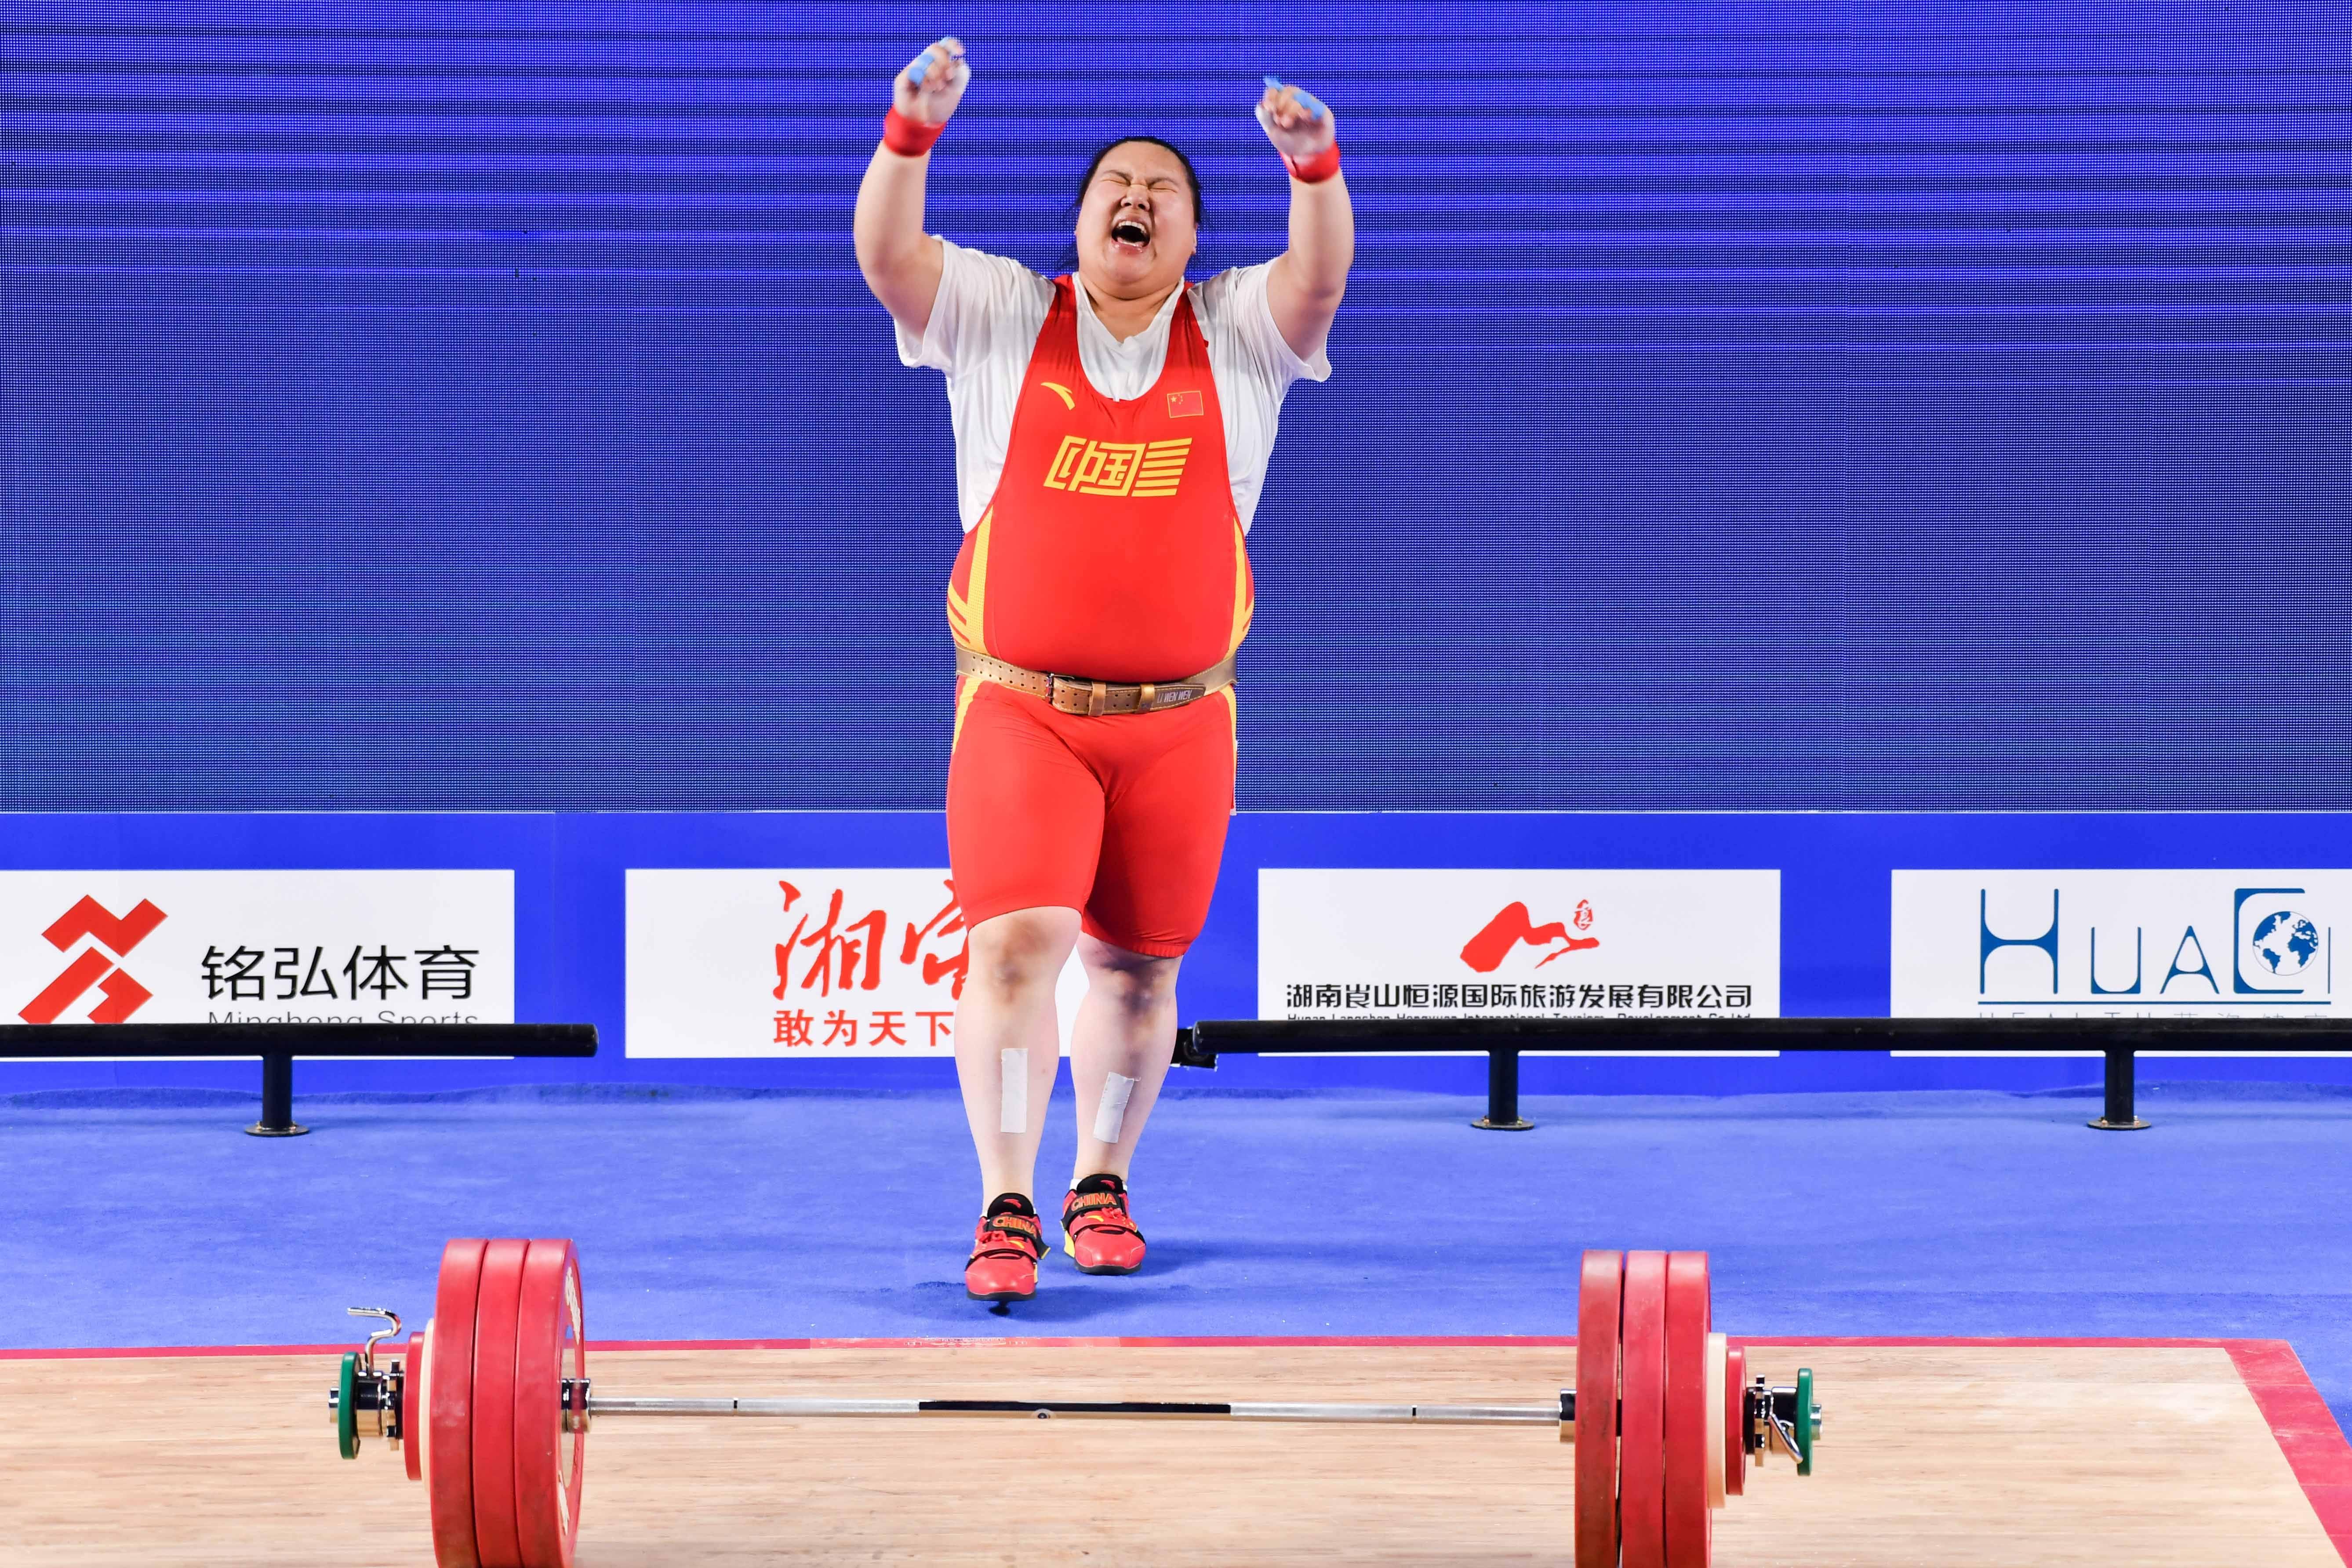 举重——全国女子举重锦标赛:李